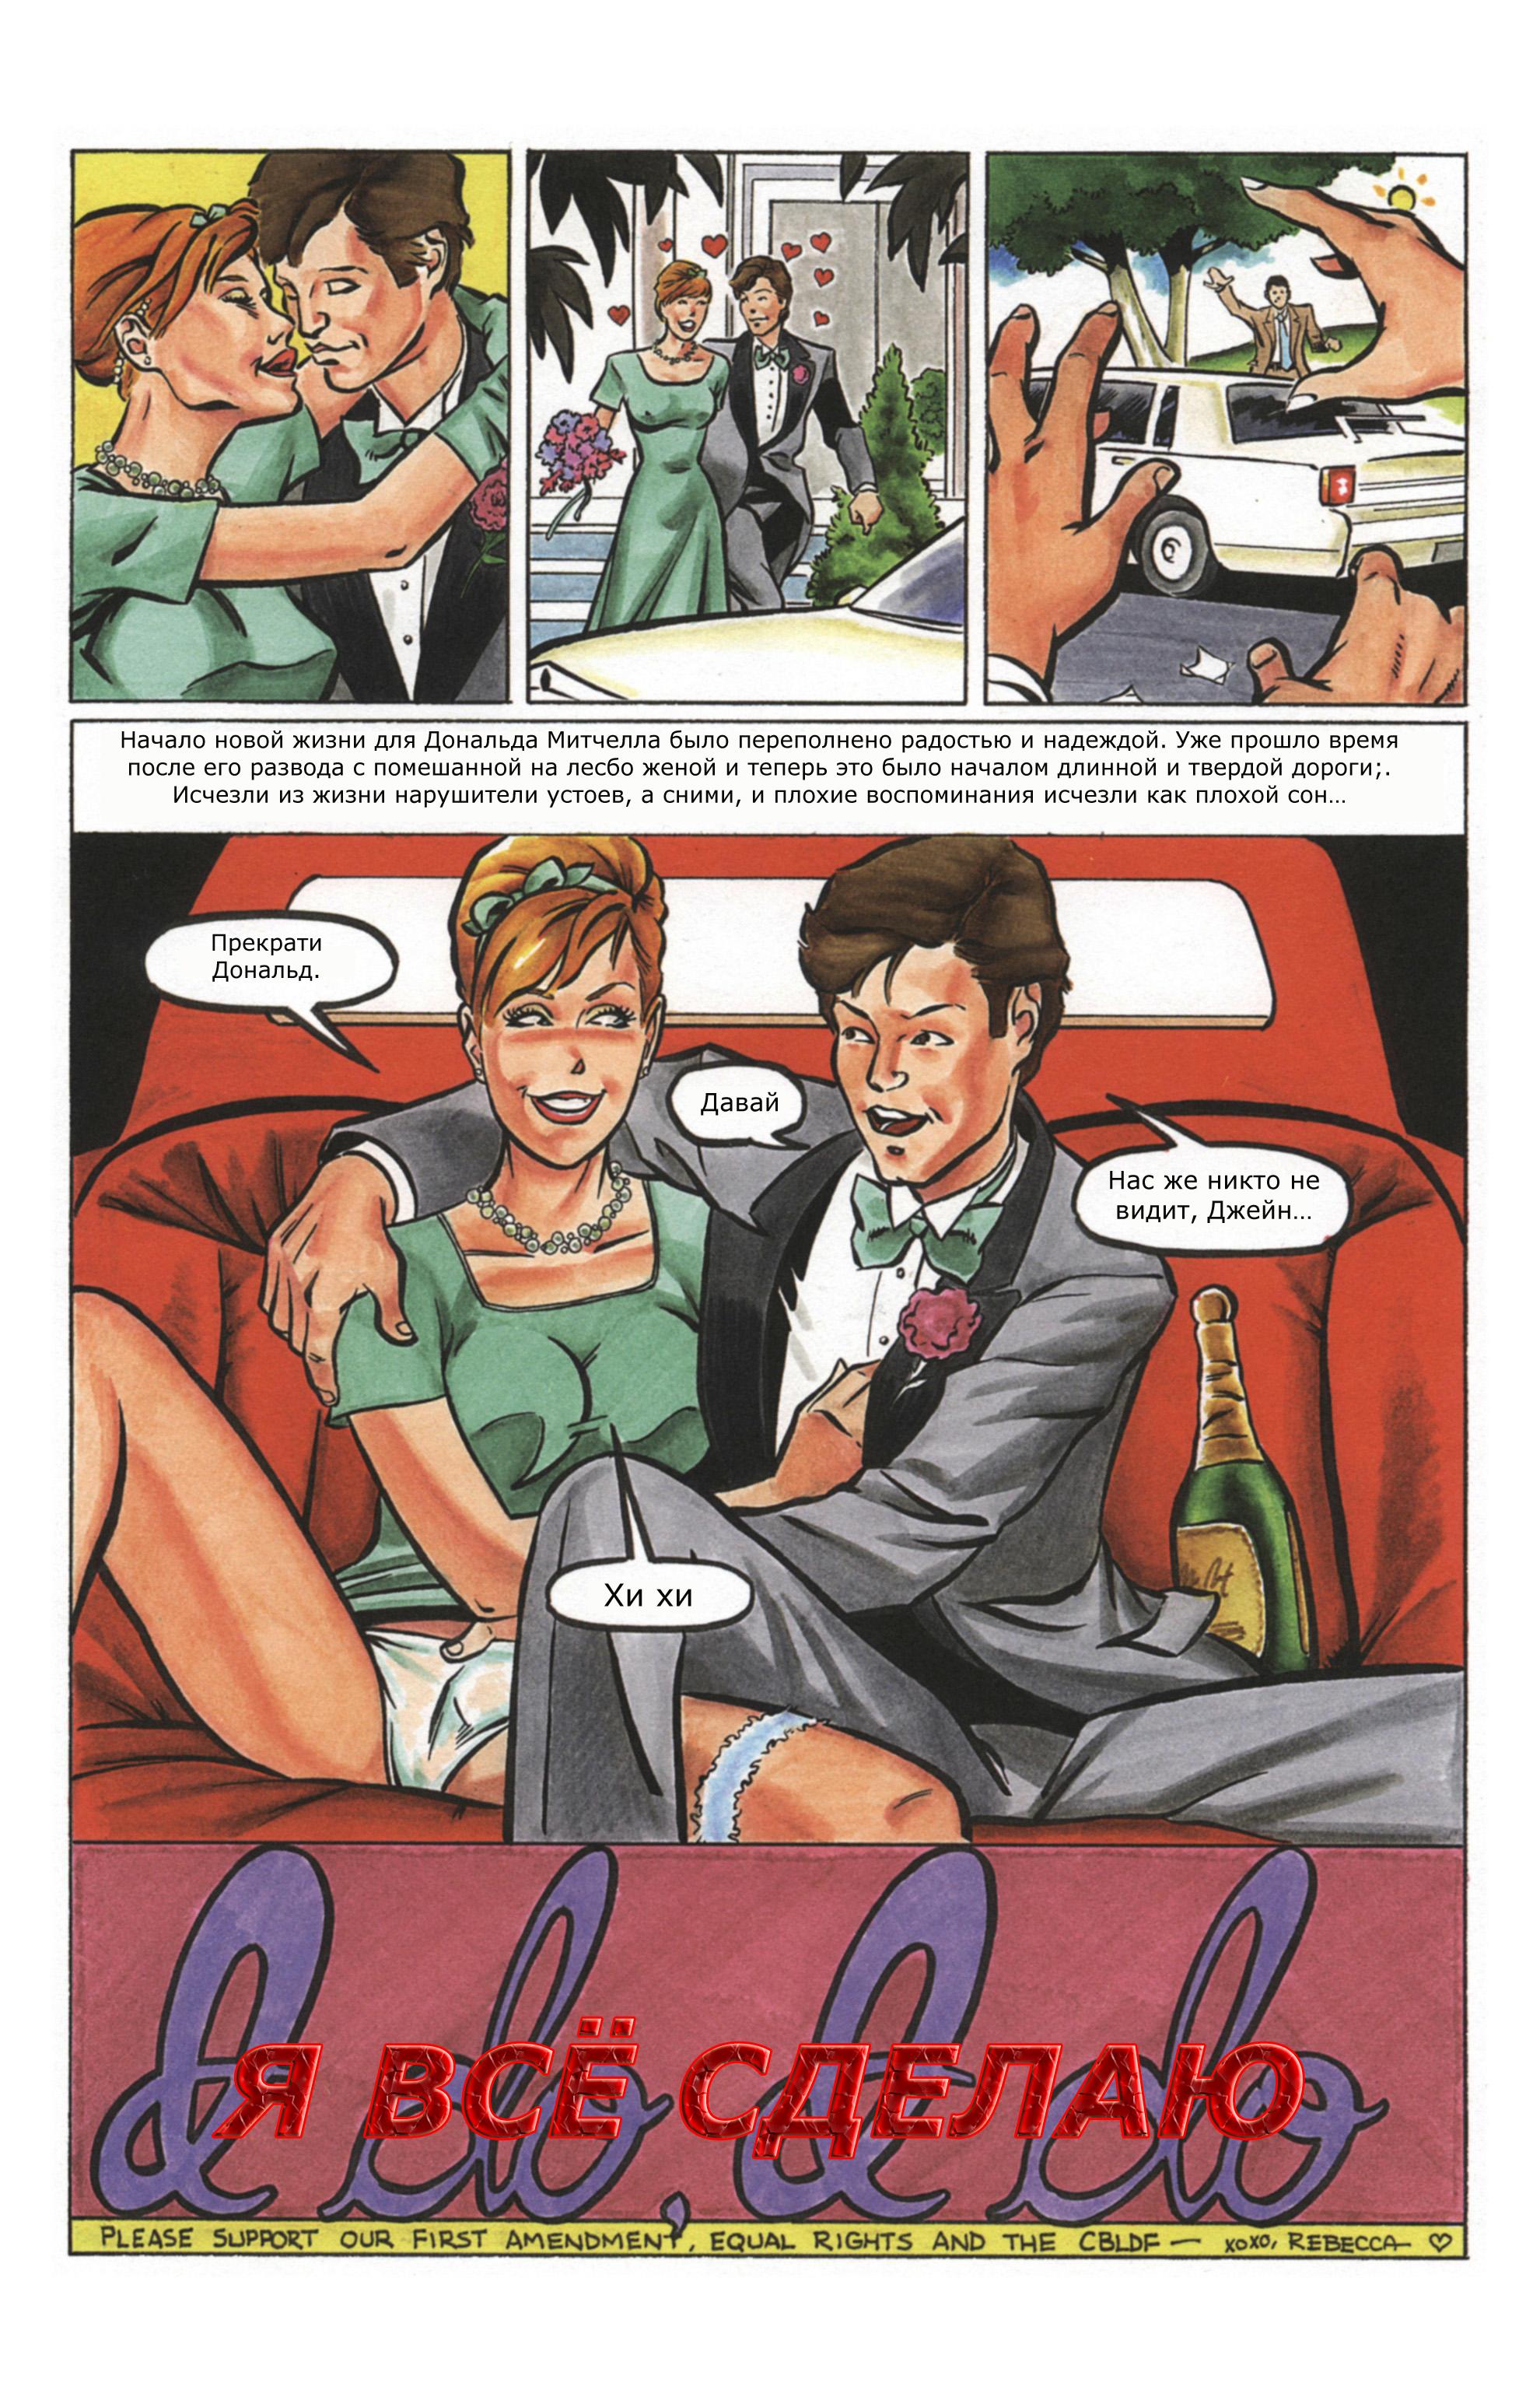 Ретро порно комиксы и фото 2 фотография